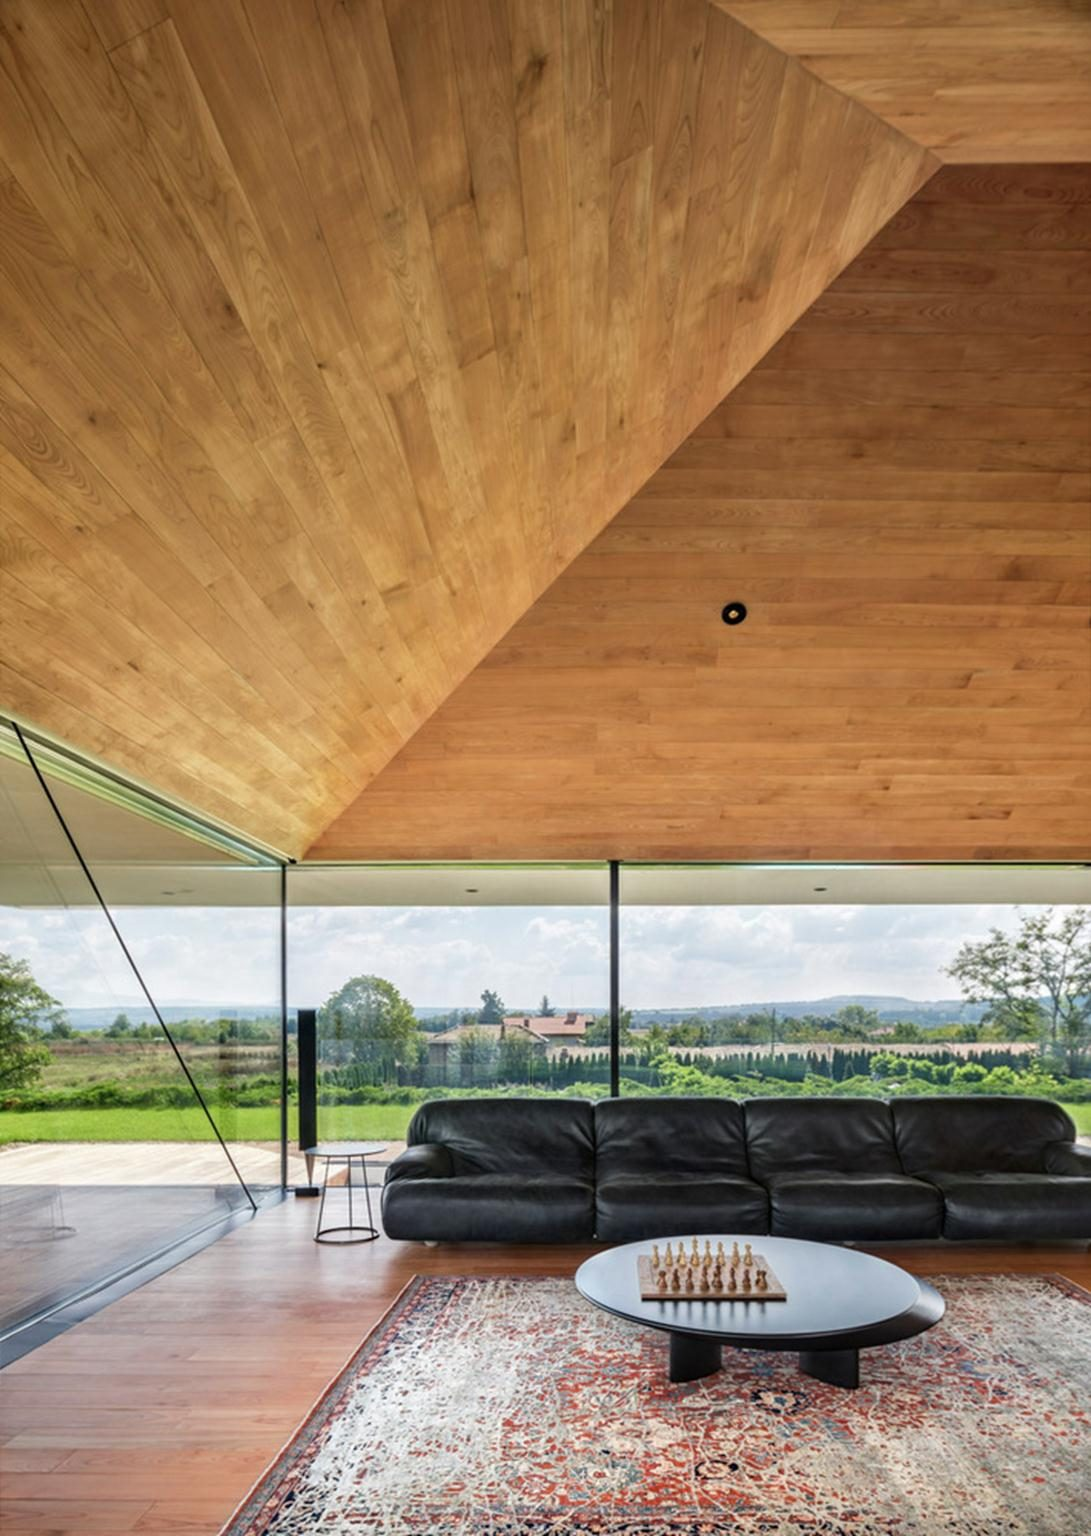 Thiết kế biệt thự view 360 độ độc đáo và ấn tượng - 10